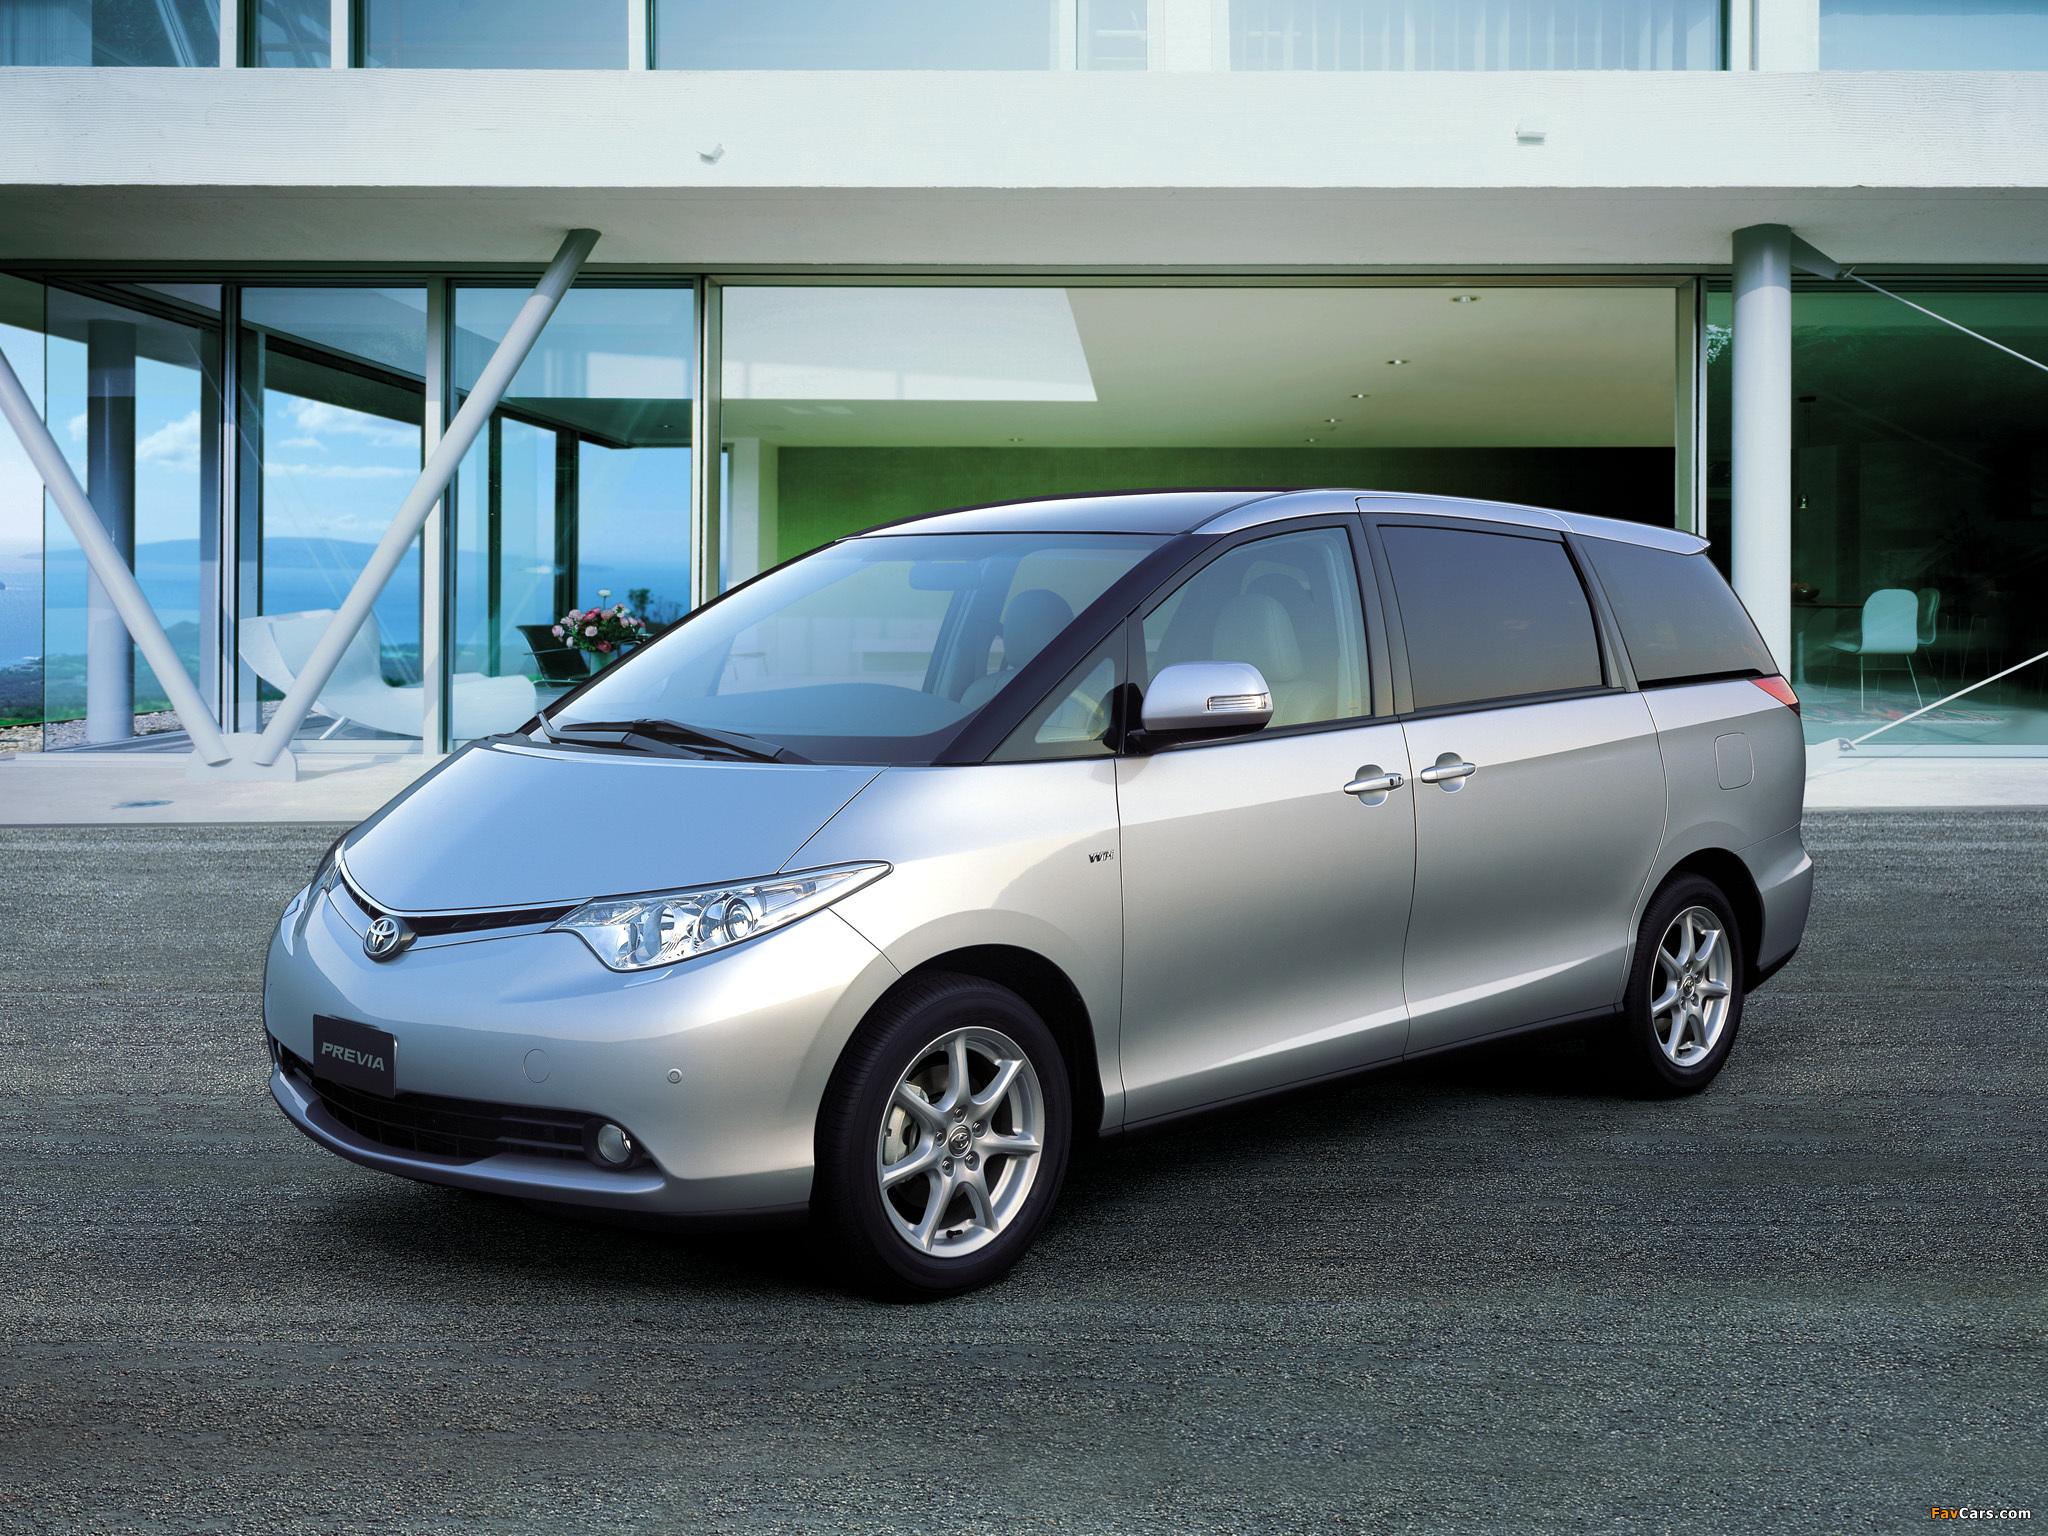 Toyota Previa 2007 images (2048 x 1536)